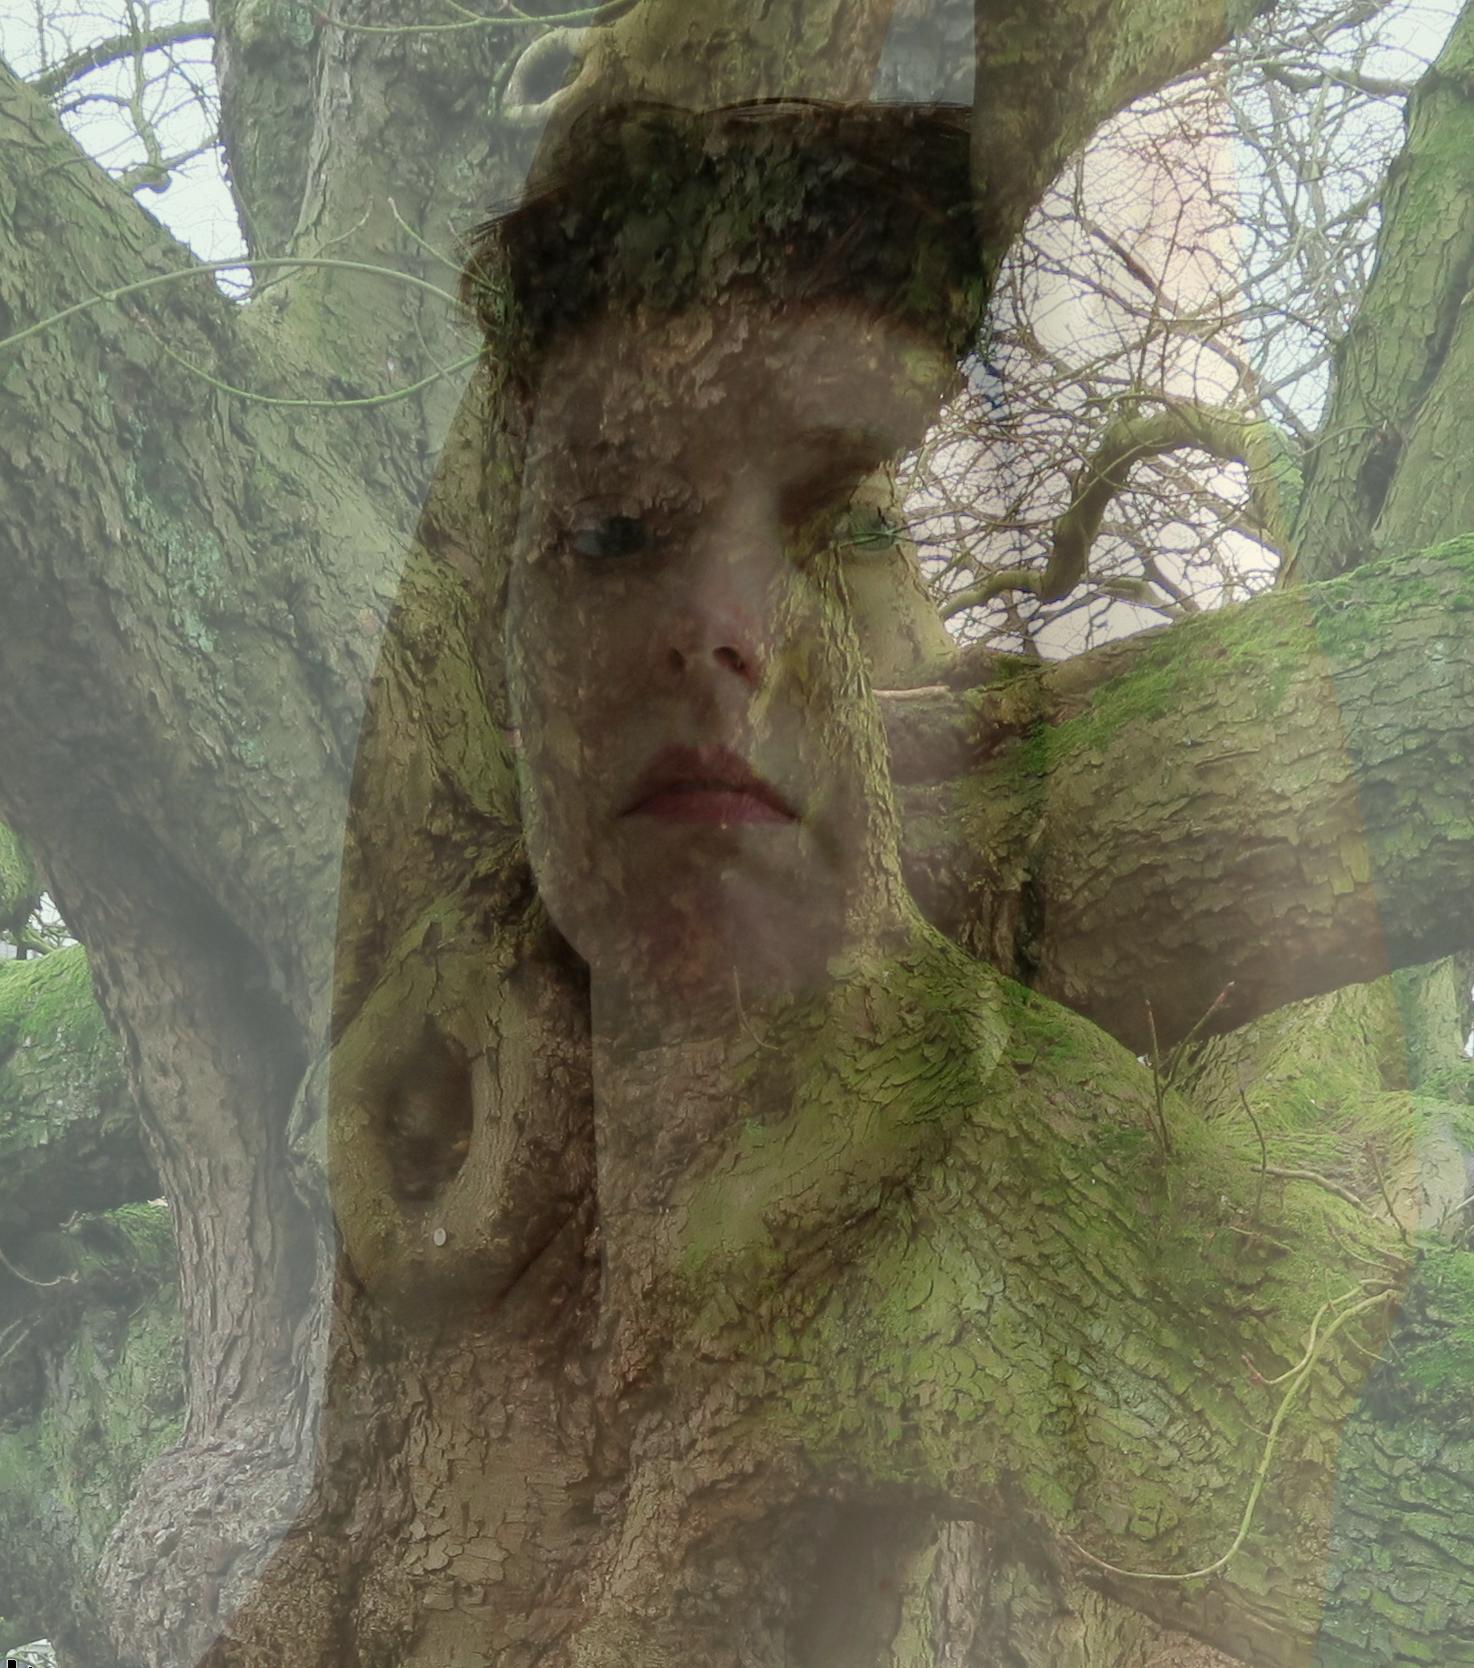 de_tail-celine-arbre-1516737322.png